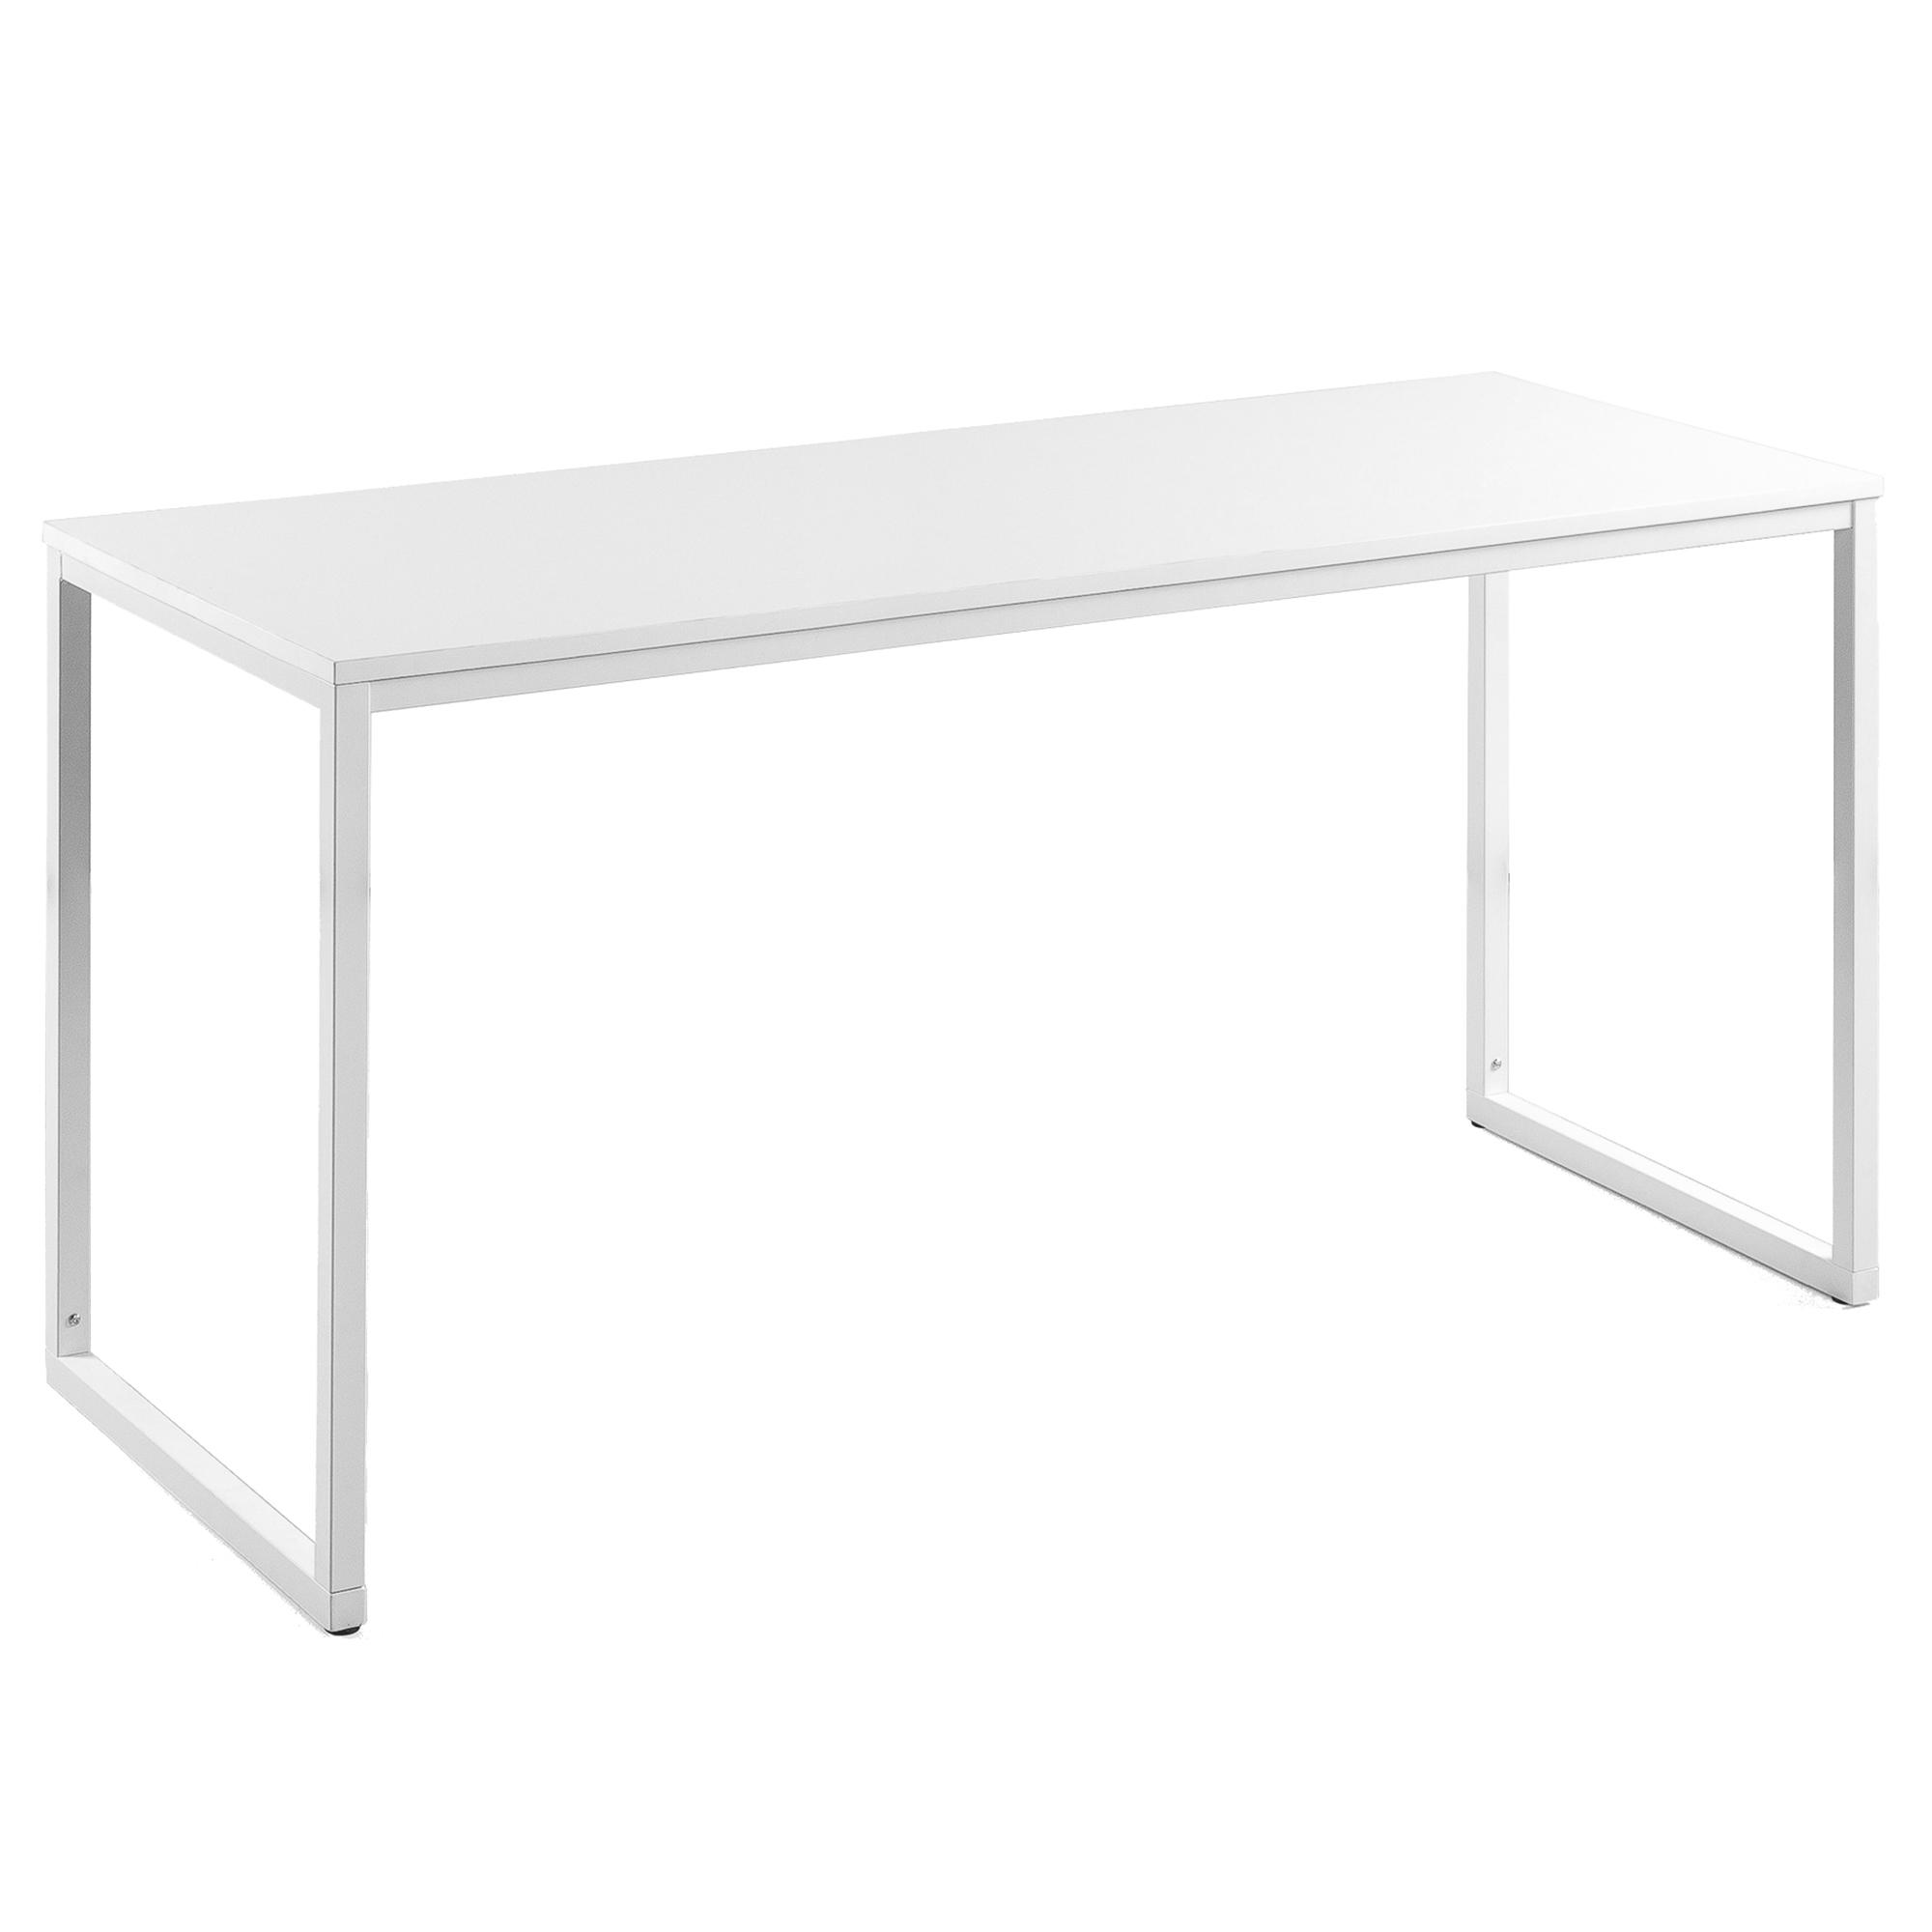 NEW-Harper-Wood-amp-Steel-Desk-Studio-Home-Desks thumbnail 11